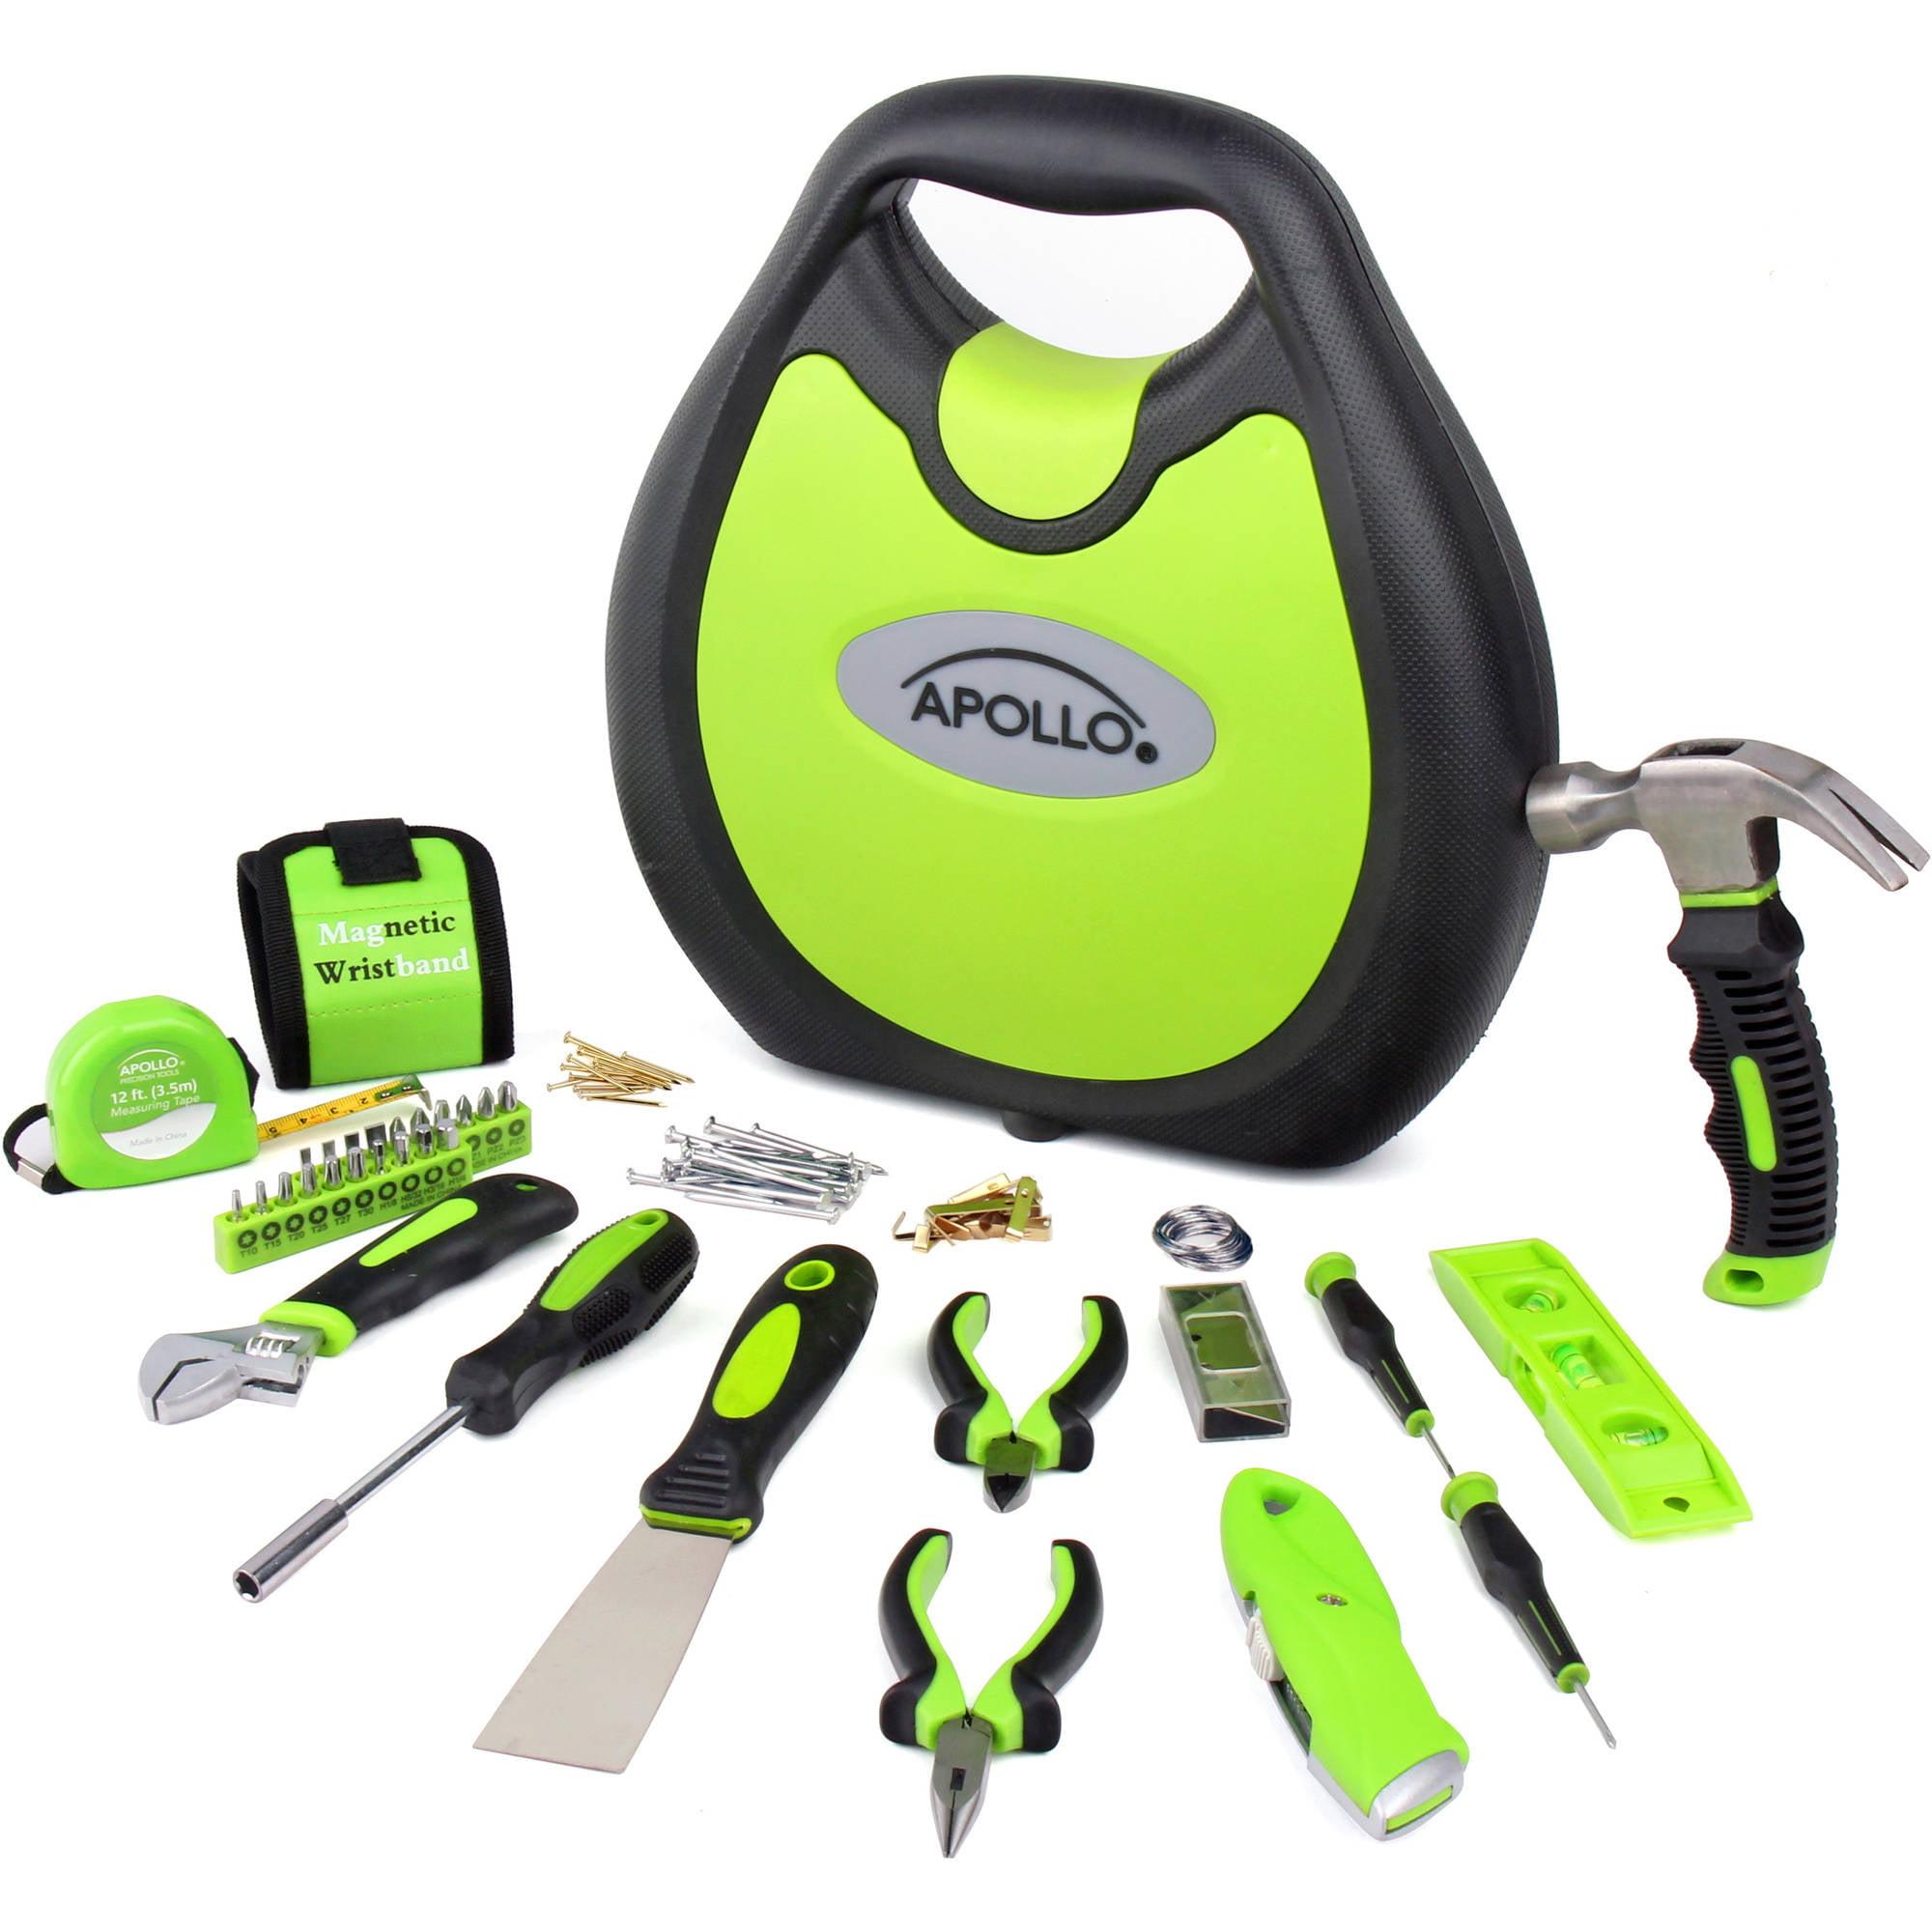 Apollo Tools 72-Piece Household Tool Kit, Green